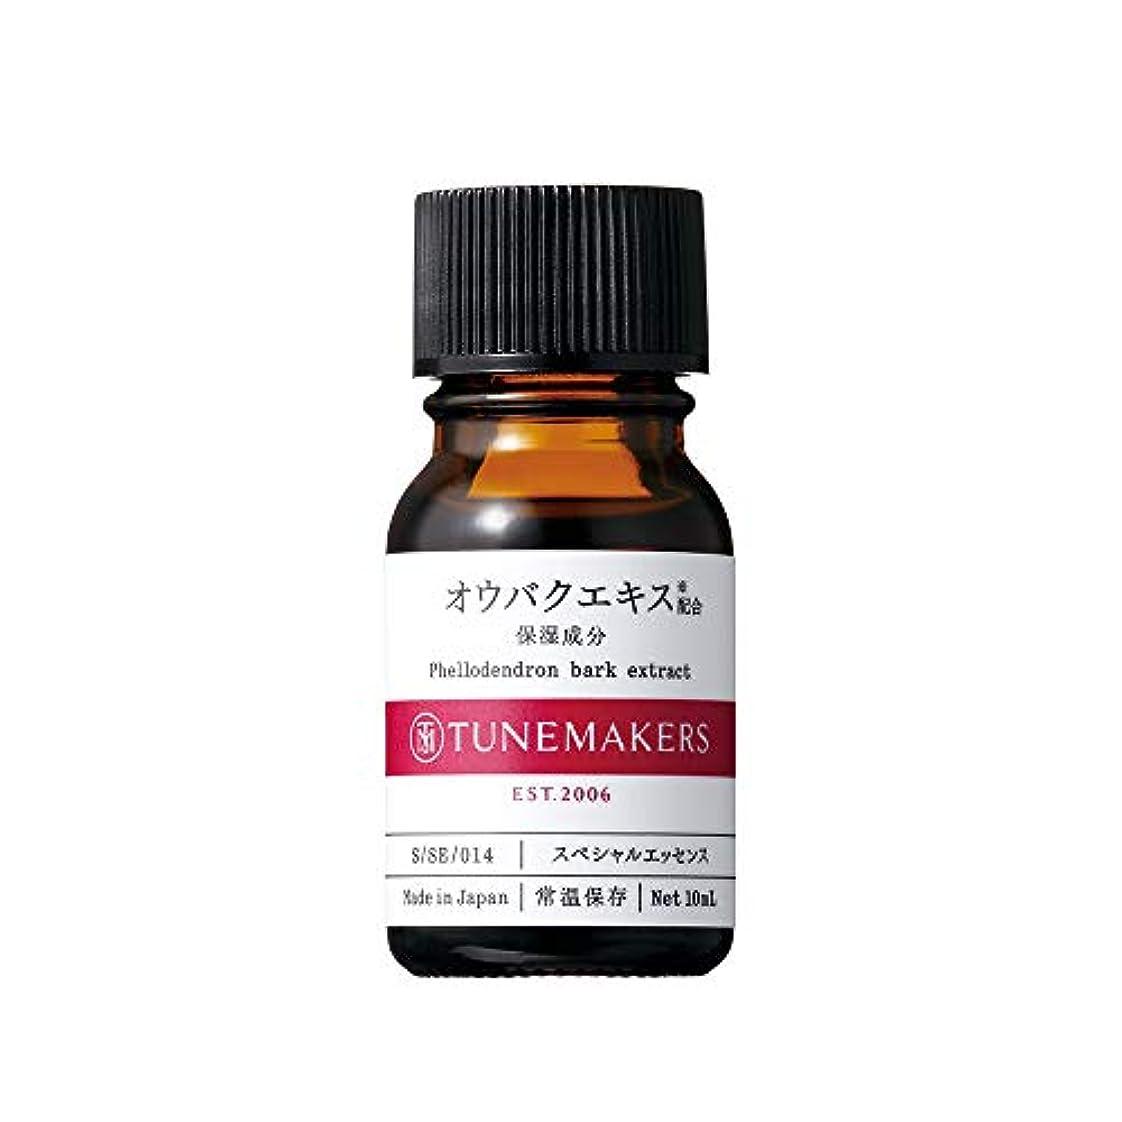 顕微鏡買い手合法TUNEMAKERS(チューンメーカーズ) オウバクエキス 美容液 10ml